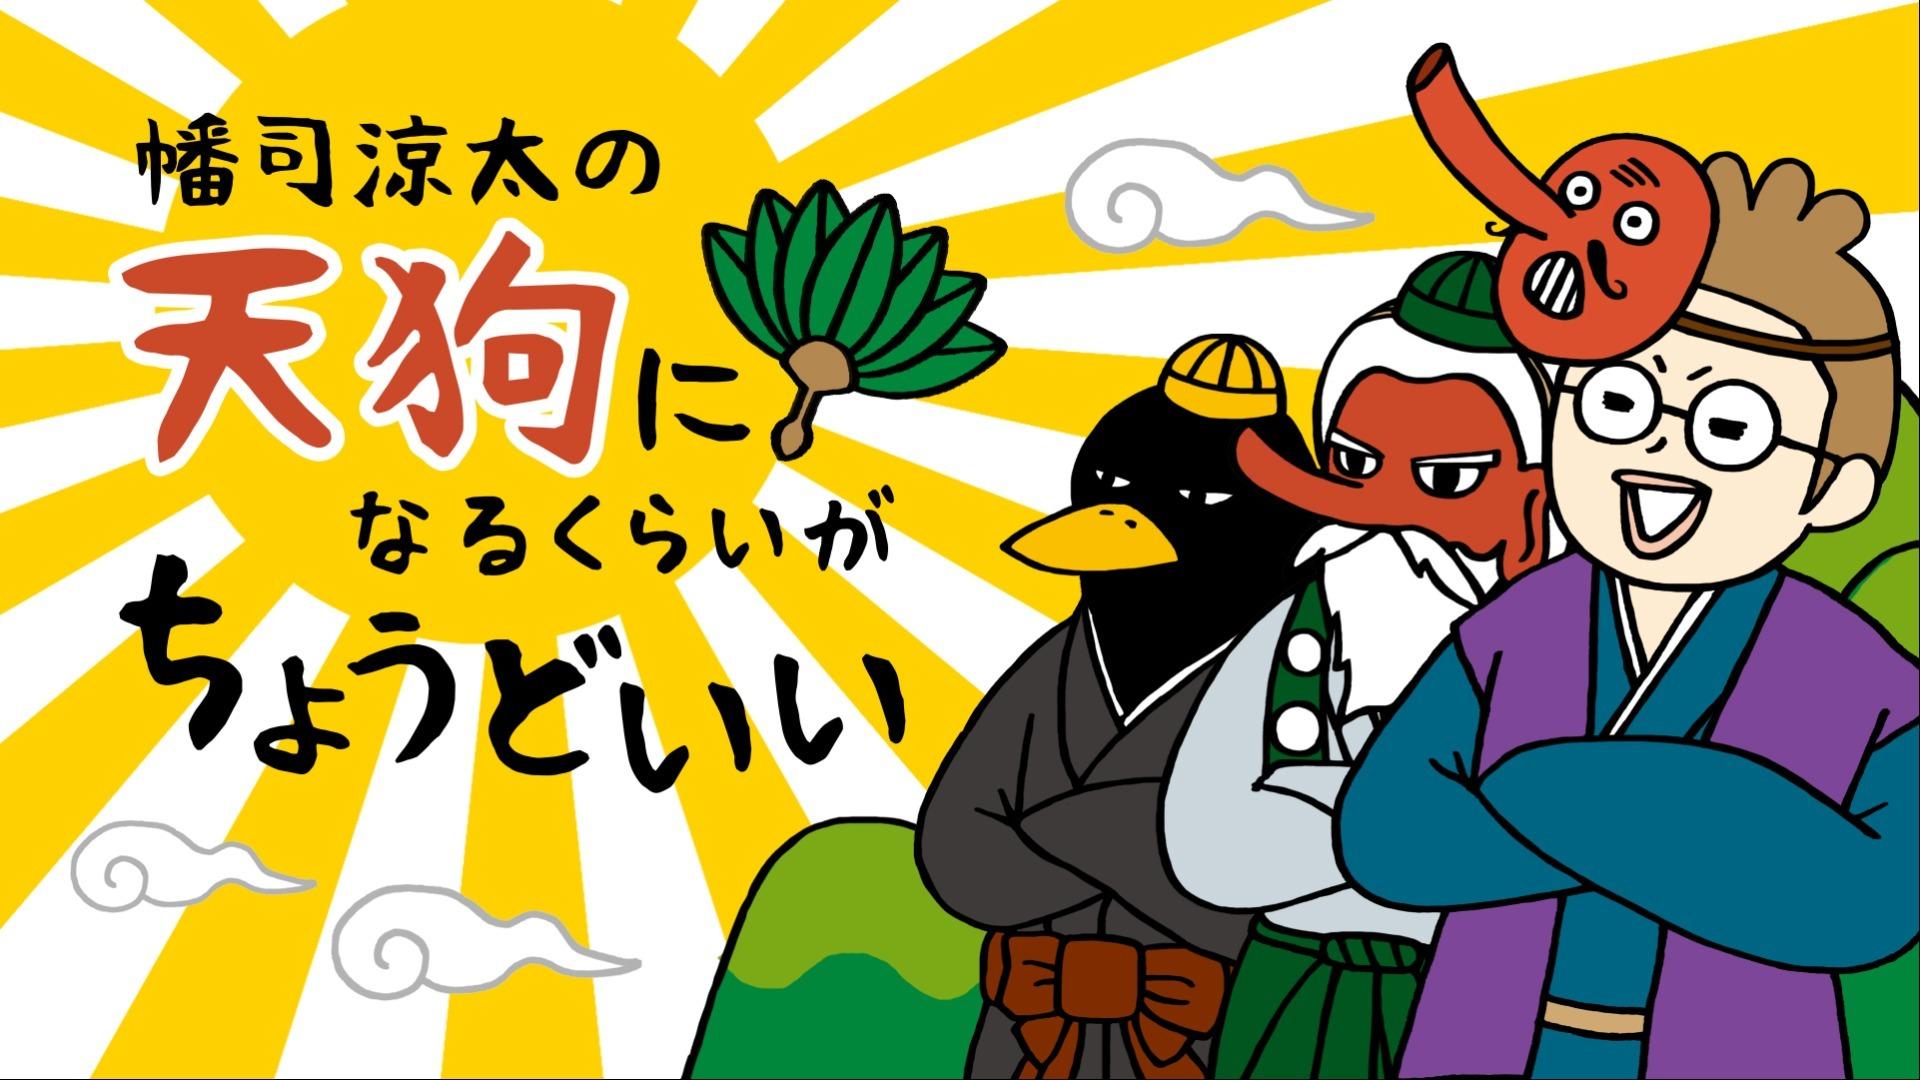 幡司涼太の「天狗になるくらいがちょうどいい」